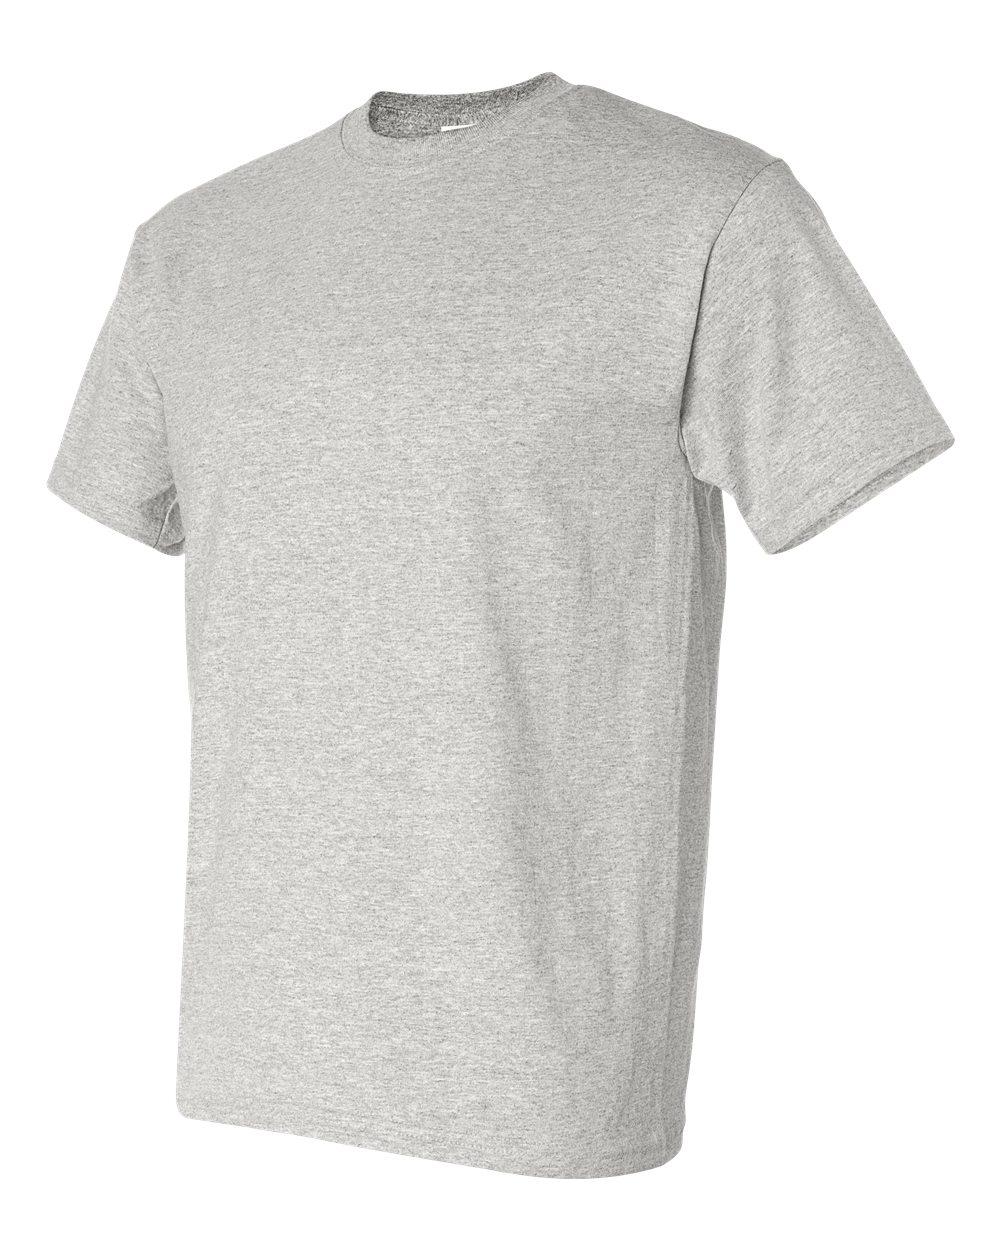 Gildan-Mens-DryBlend-5-6-oz-50-50-T-Shirt-G800-Size-S-5XL thumbnail 5